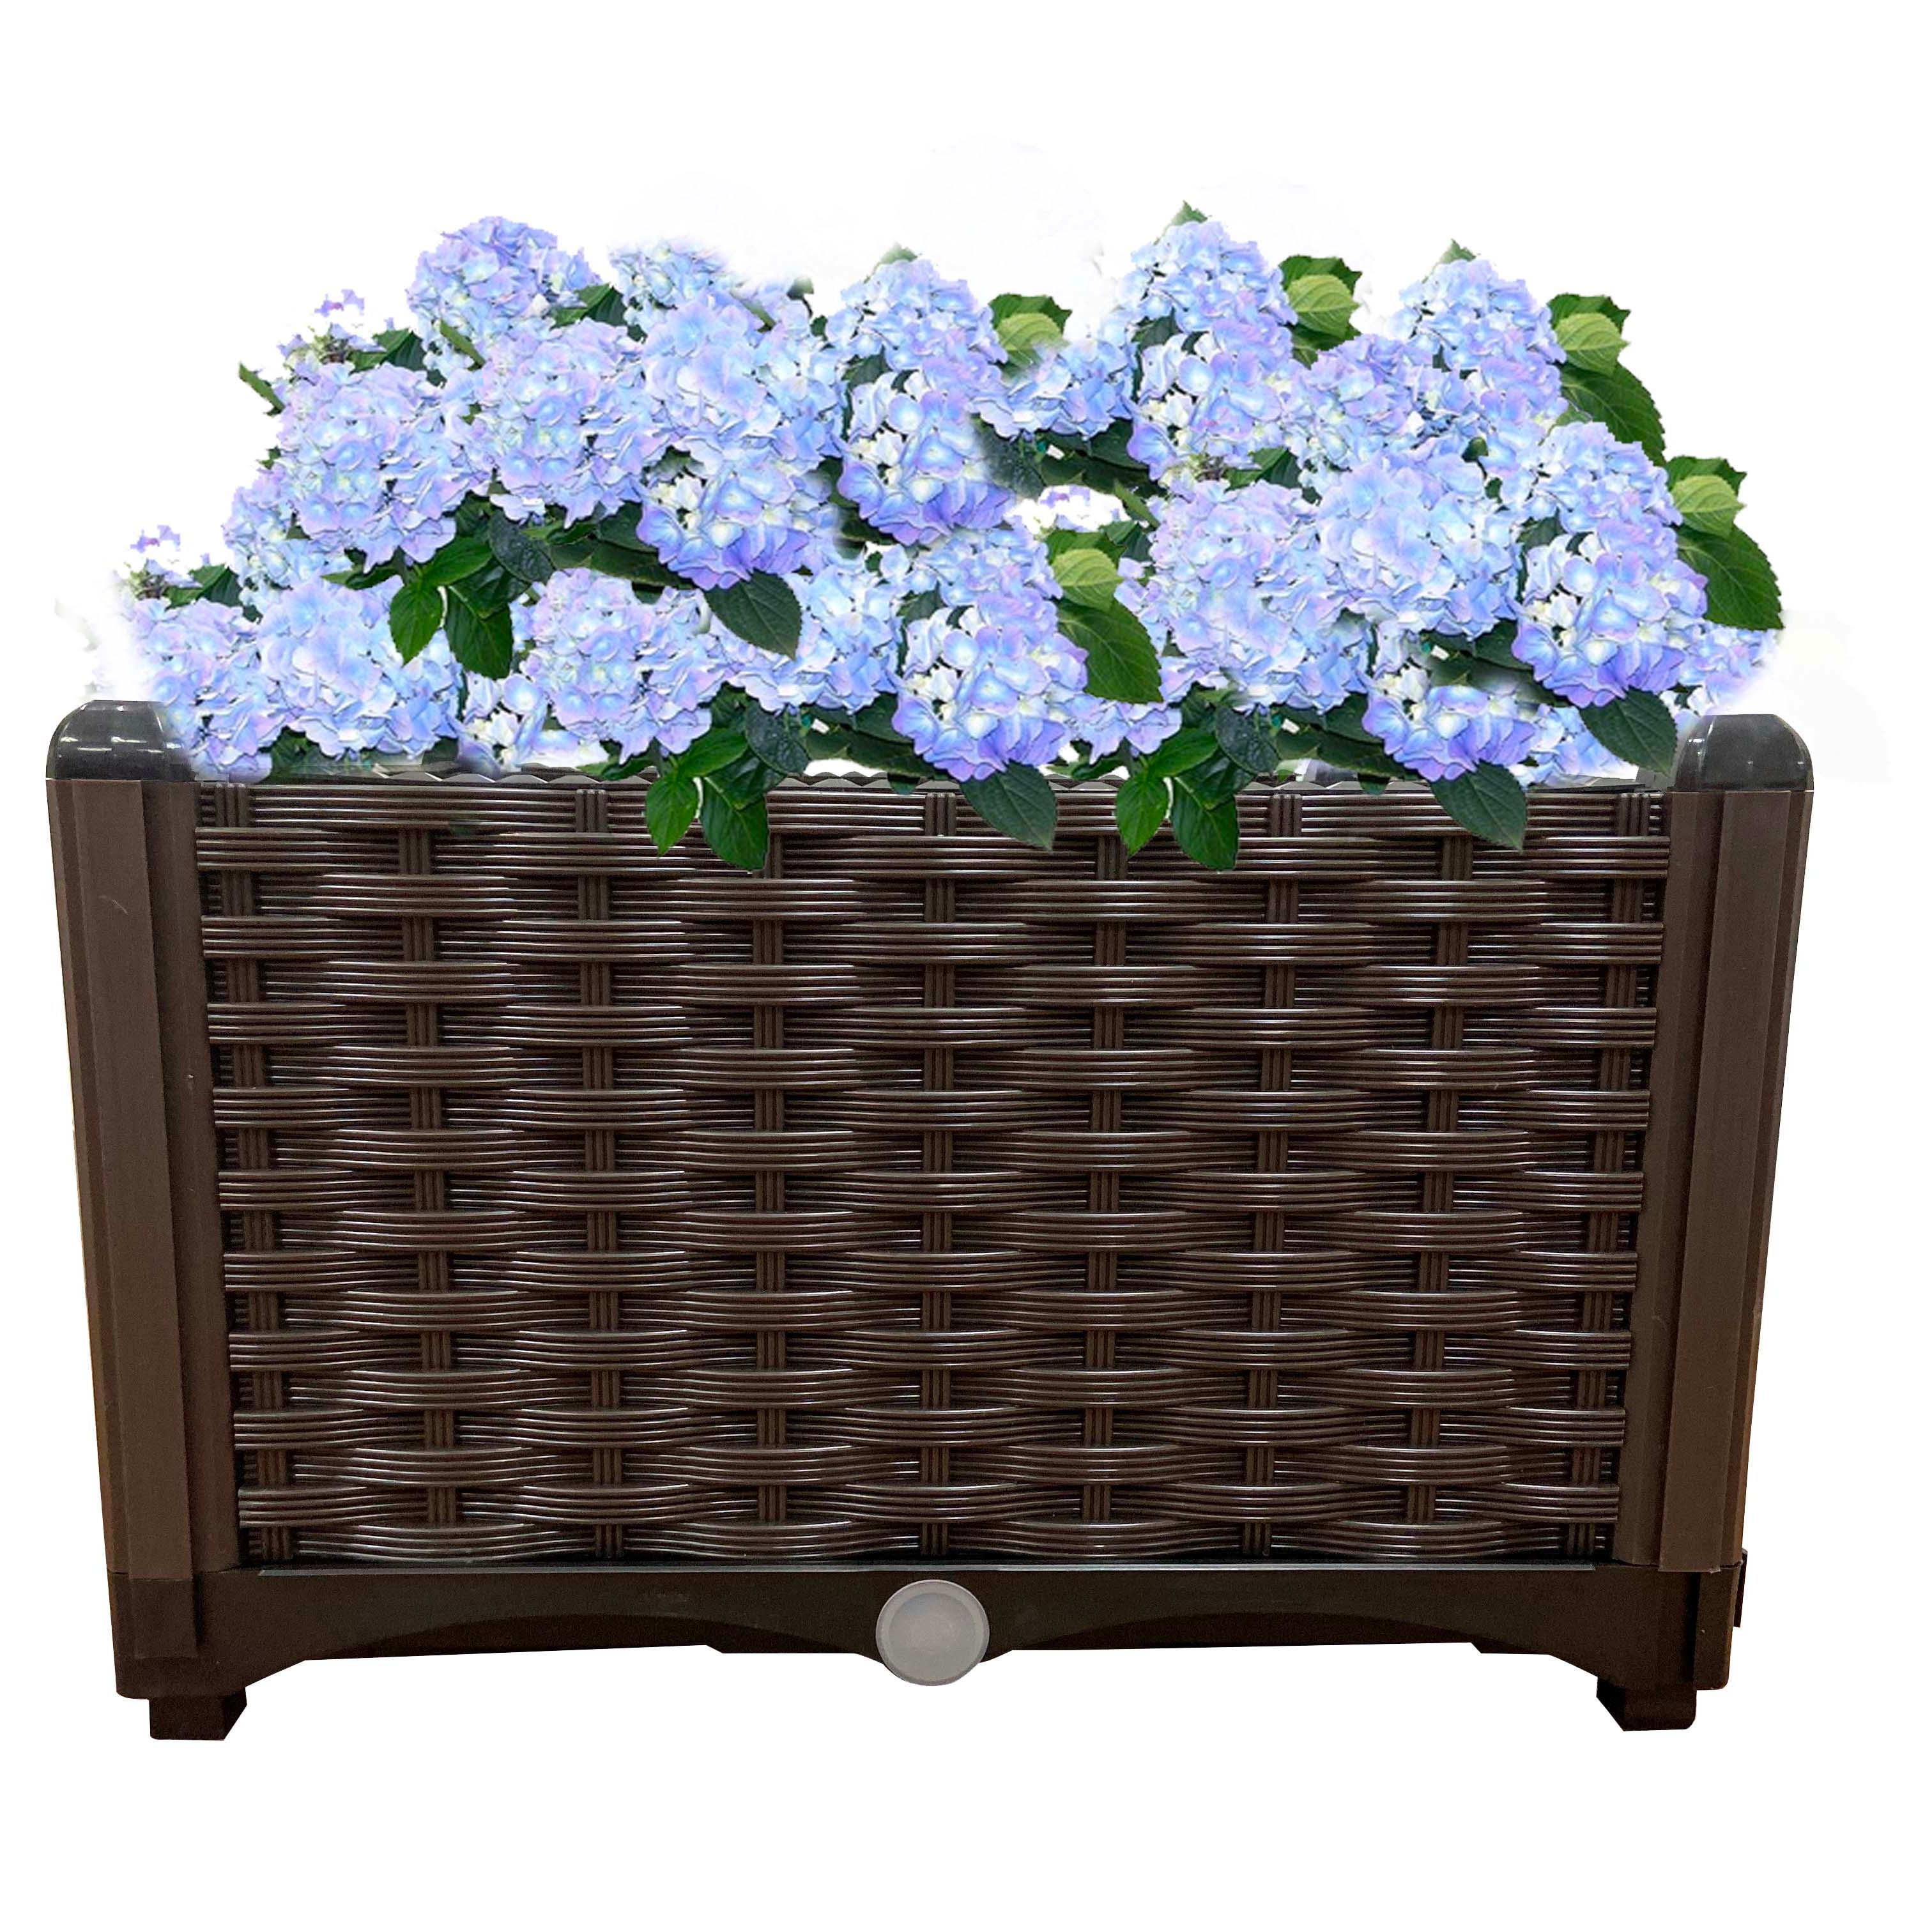 สีน้ำตาลรูปสี่เหลี่ยมผืนผ้ายกเตียงสวนชุดในร่มกลางแจ้งพลาสติกPlanter Growกล่อง